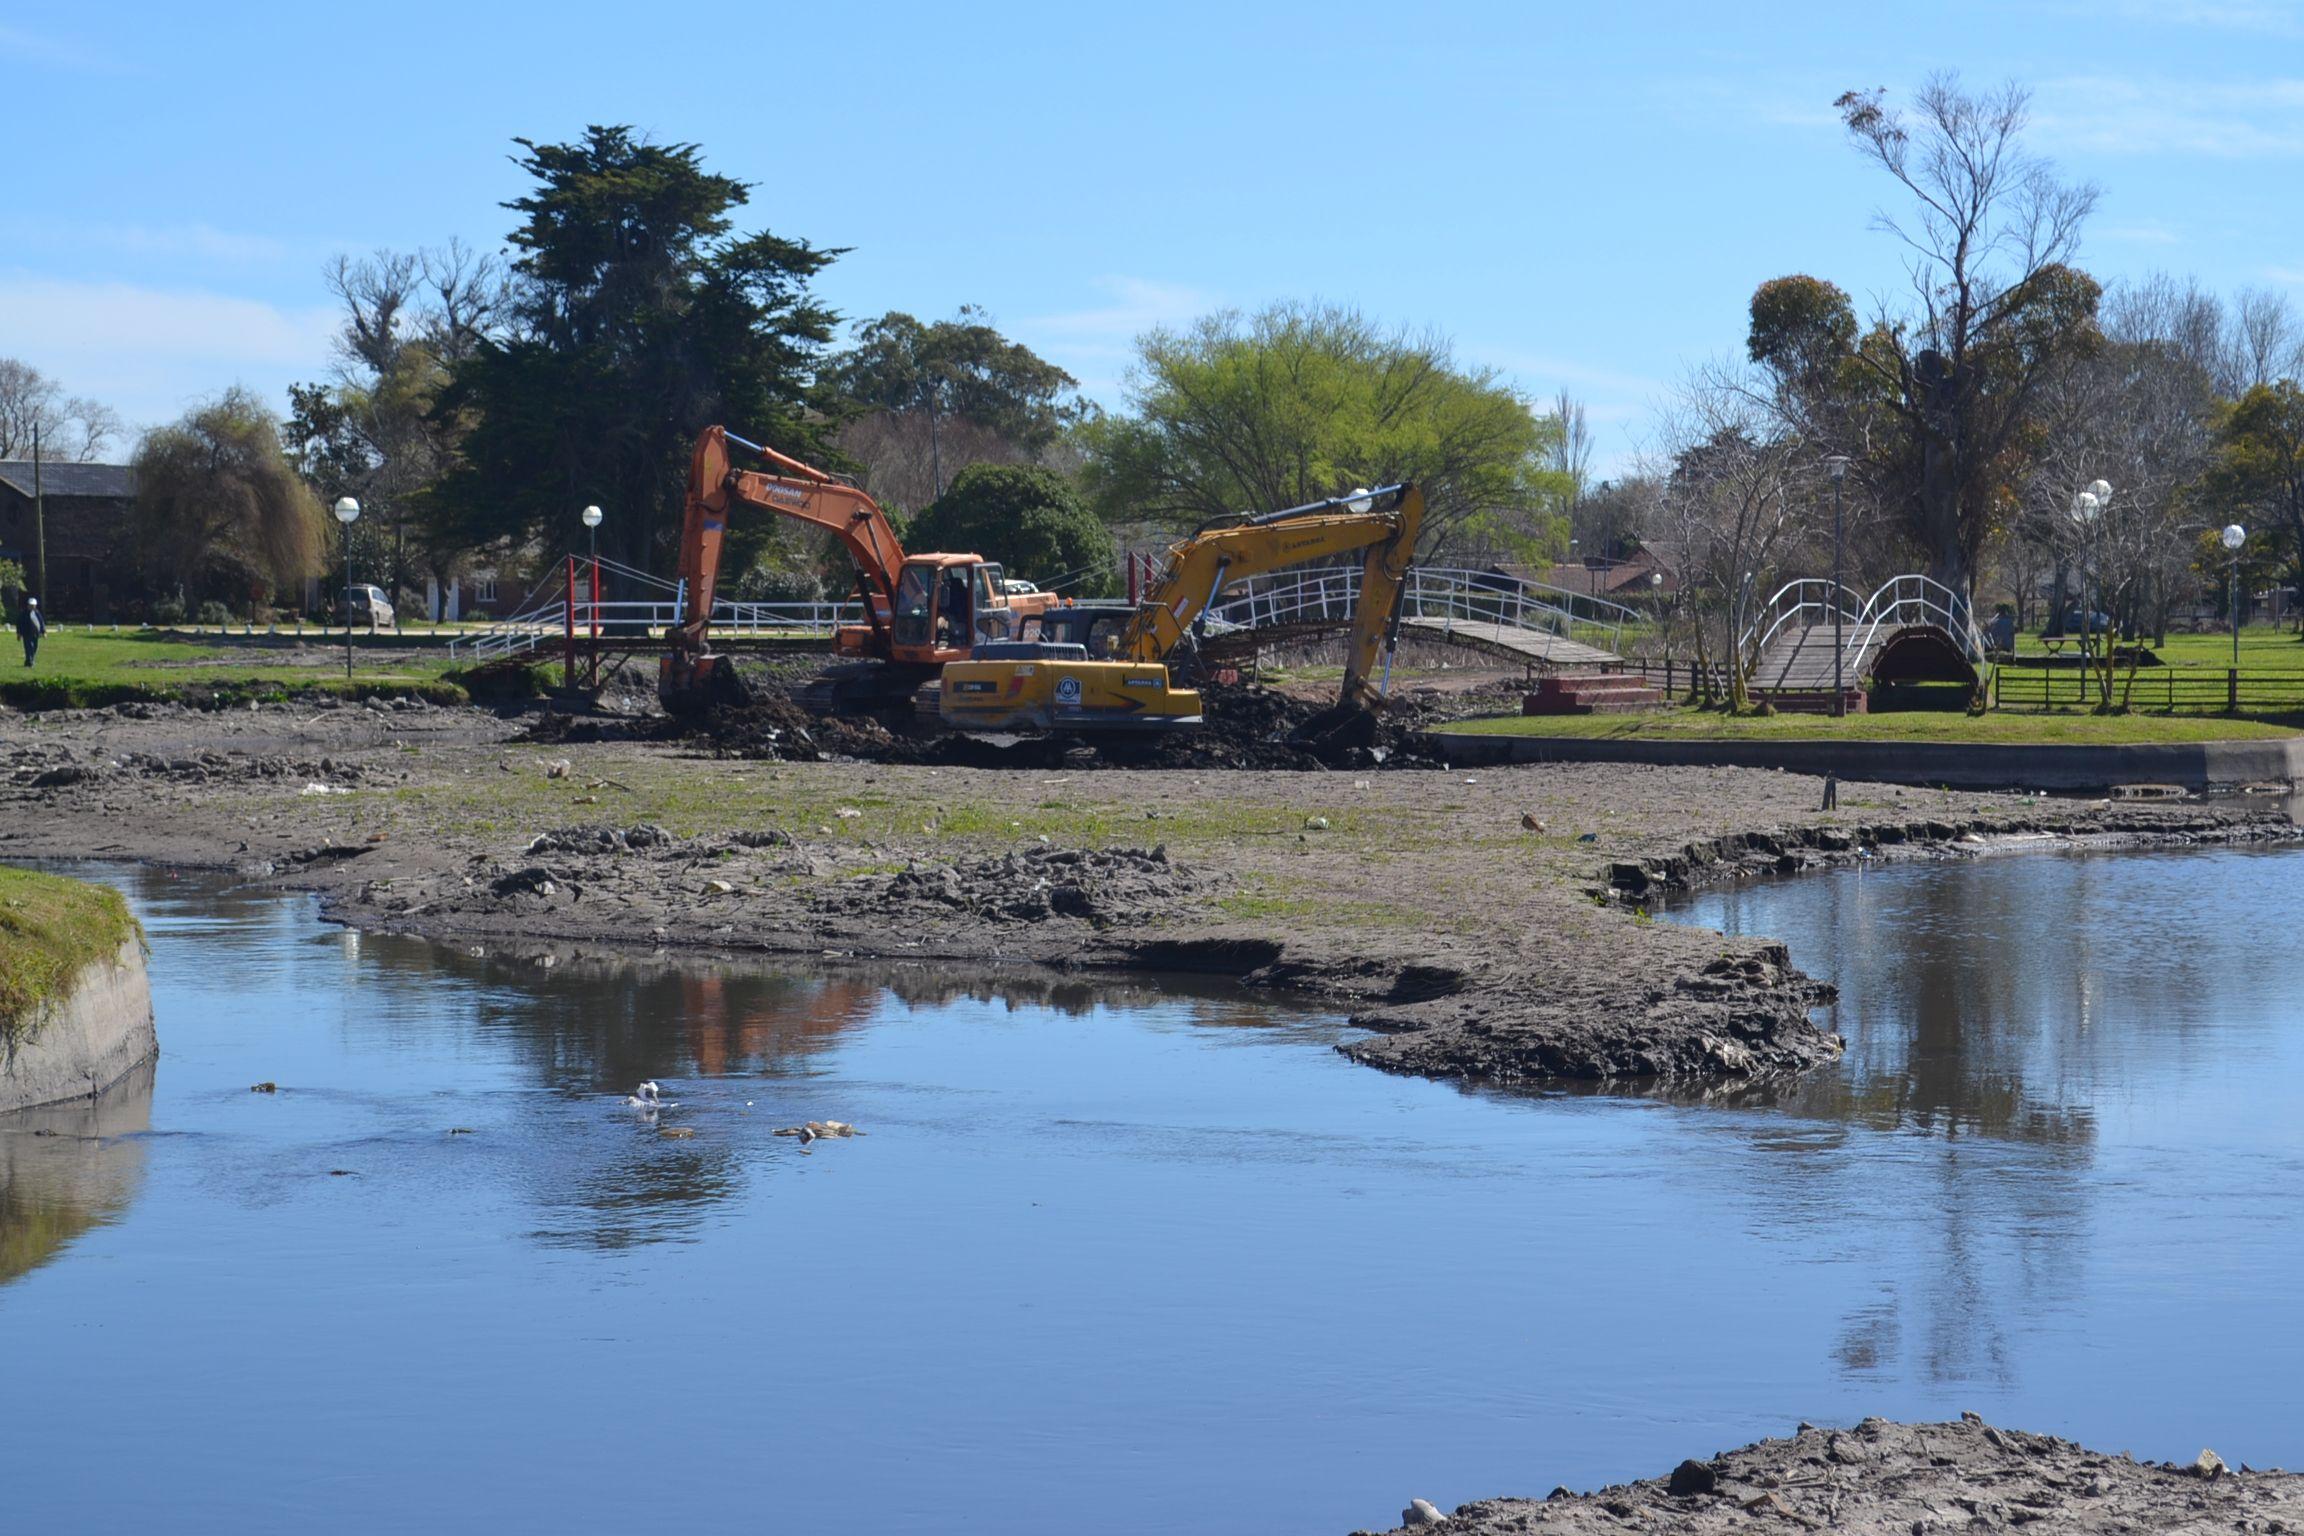 Limpieza en el lago y cauce del arroyo El Durazno